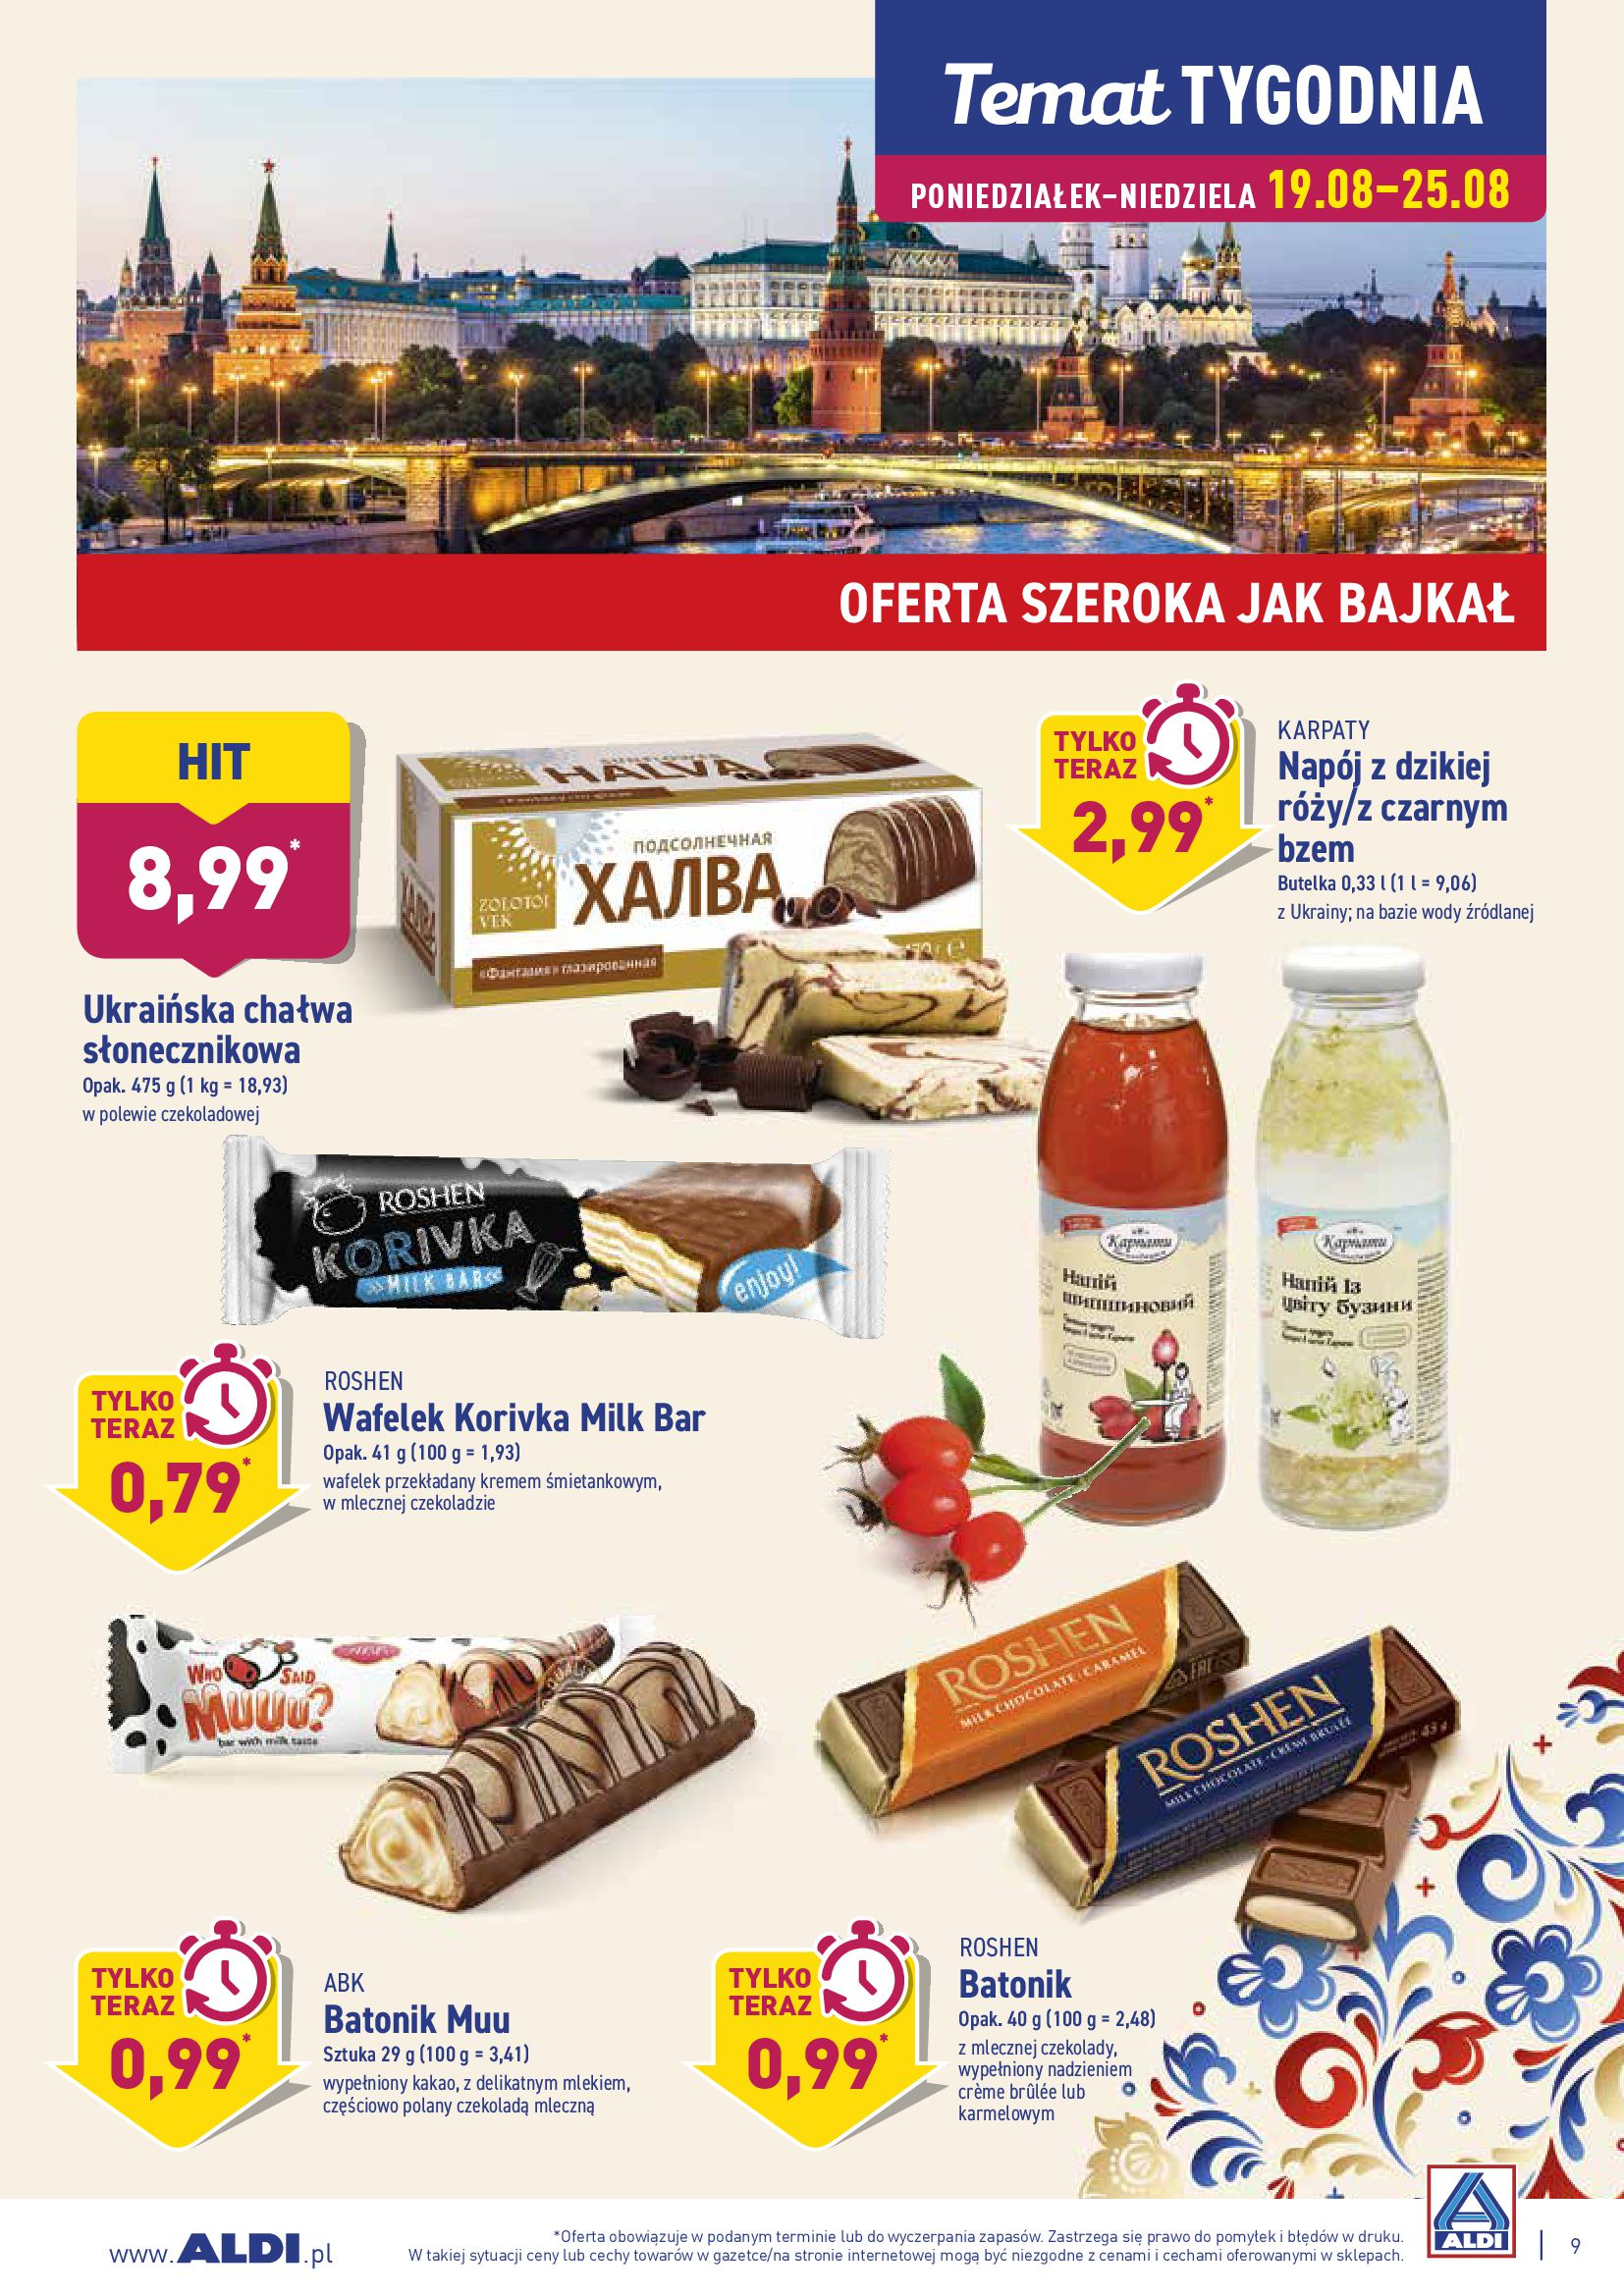 Gazetka Aldi - TYDZIEŃ EUROPY WSCHODNIEJ-18.08.2019-25.08.2019-page-9